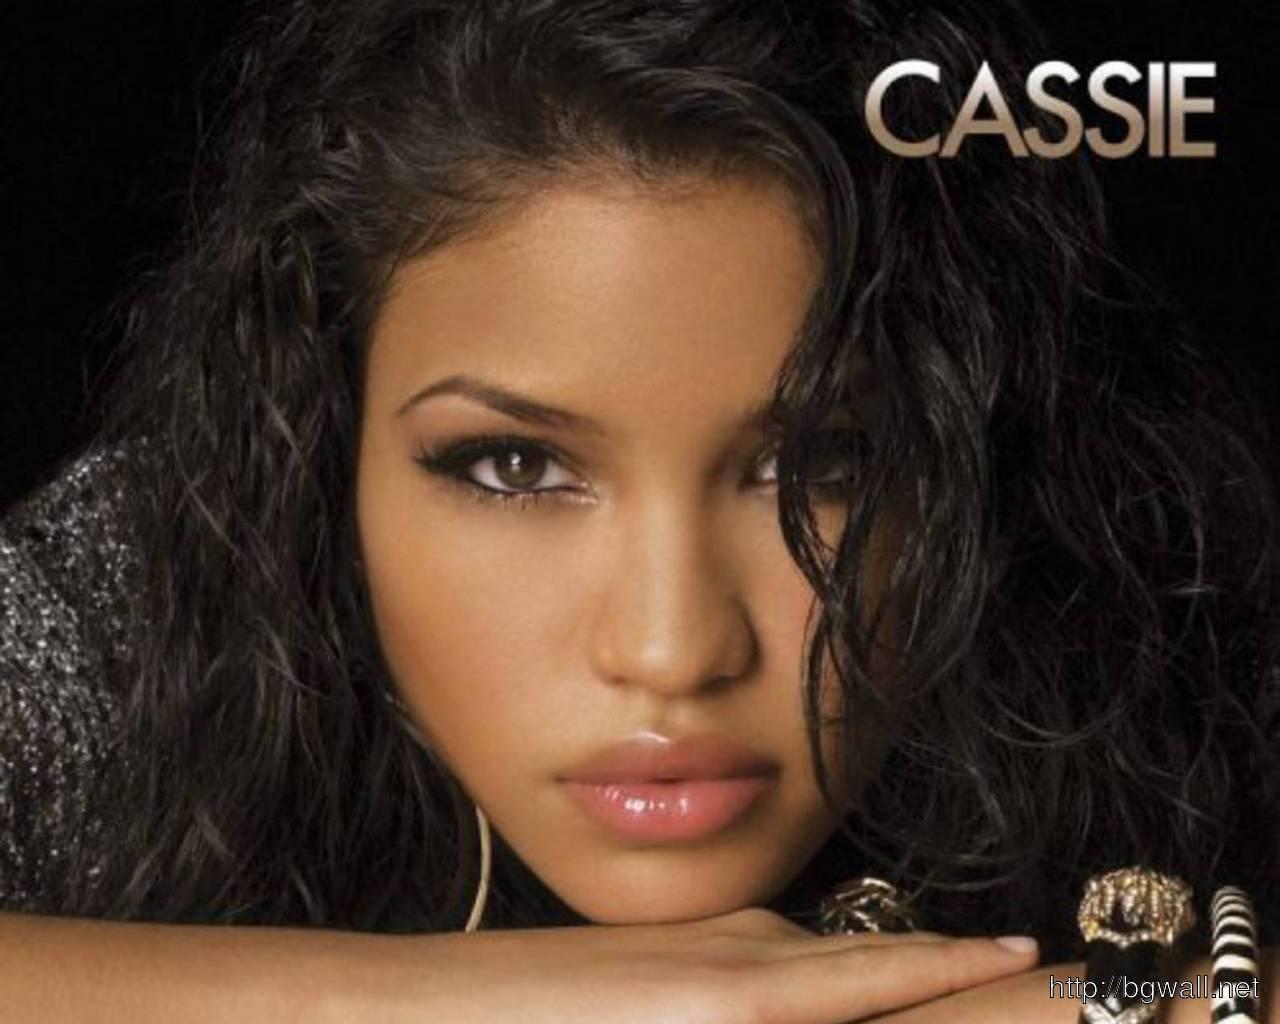 Cassie Ventura 2000 Full Size